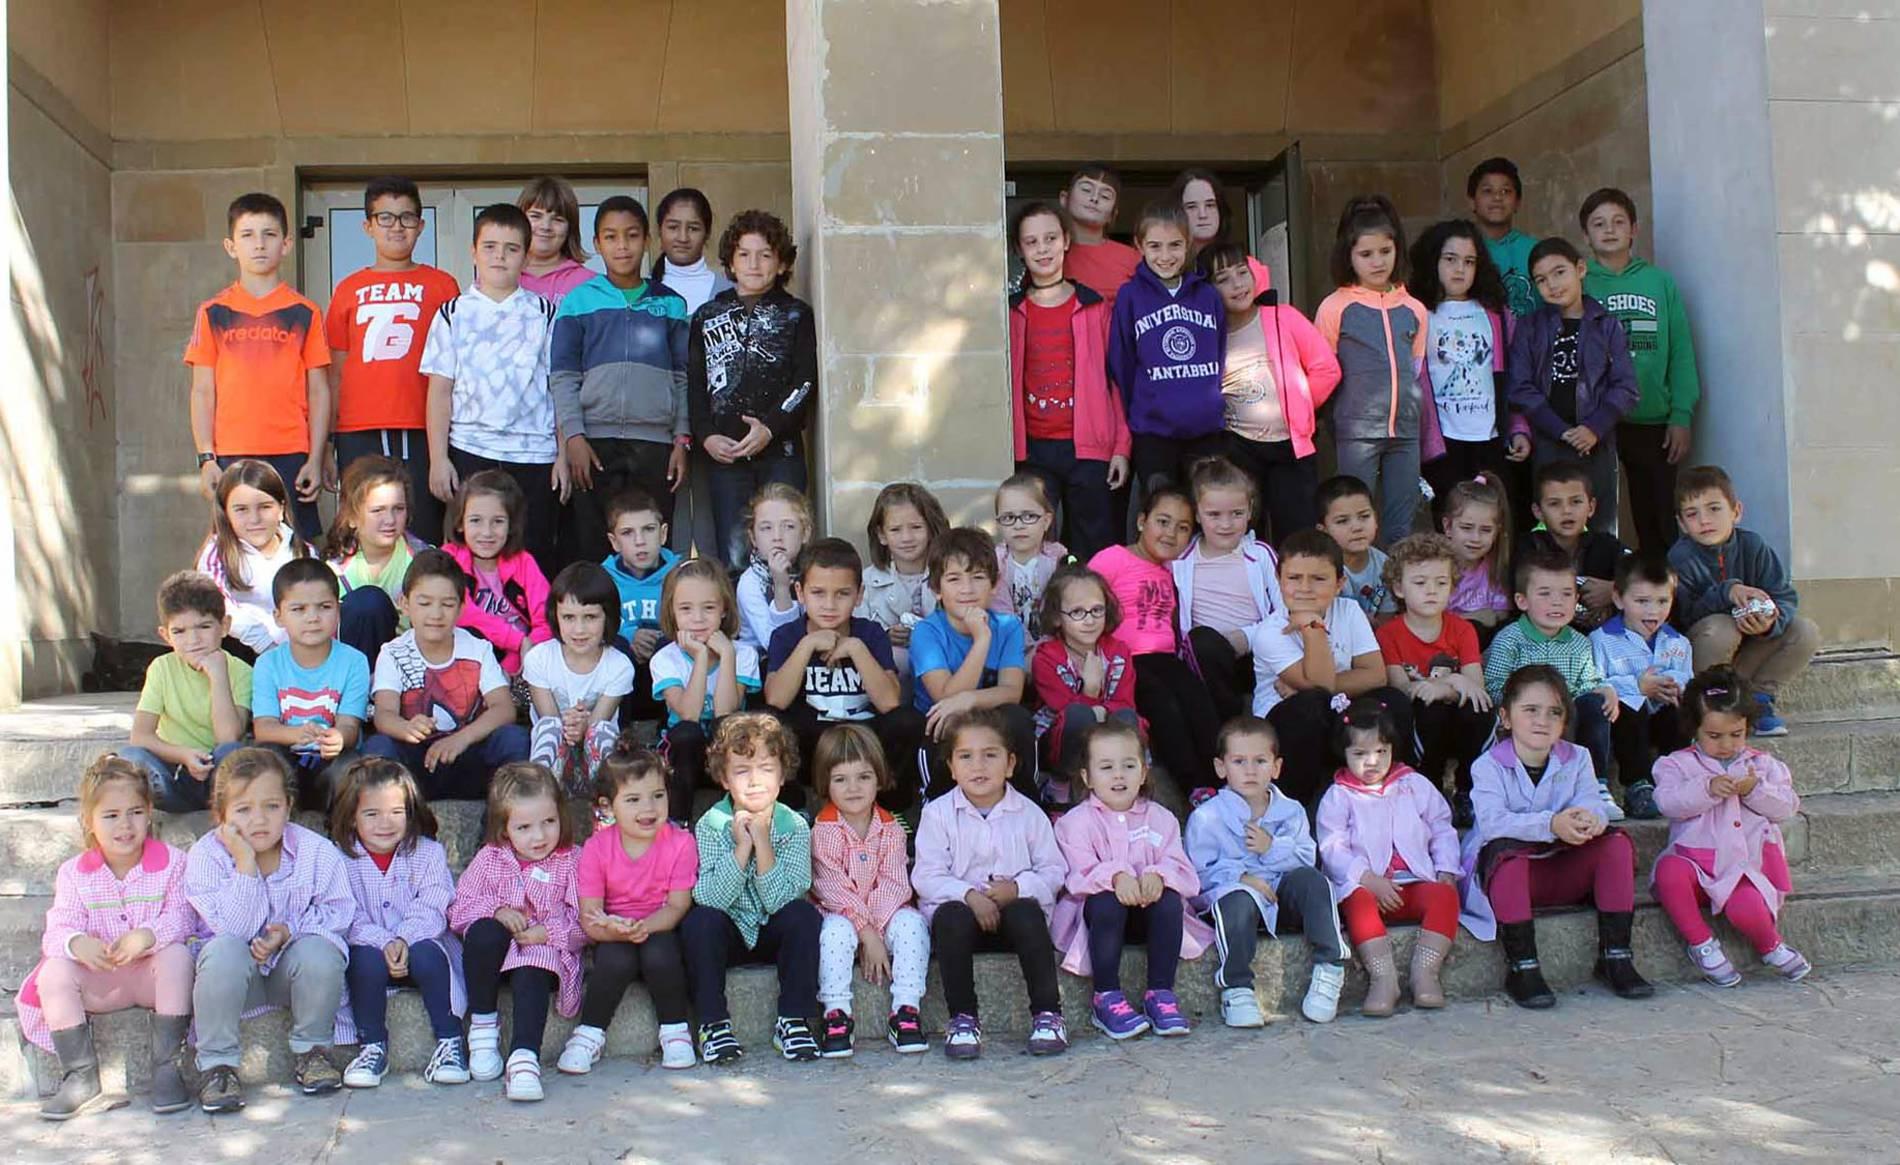 Colegio La Balsa (1/13) - Escolares del colegio La Balsa - Navarra -